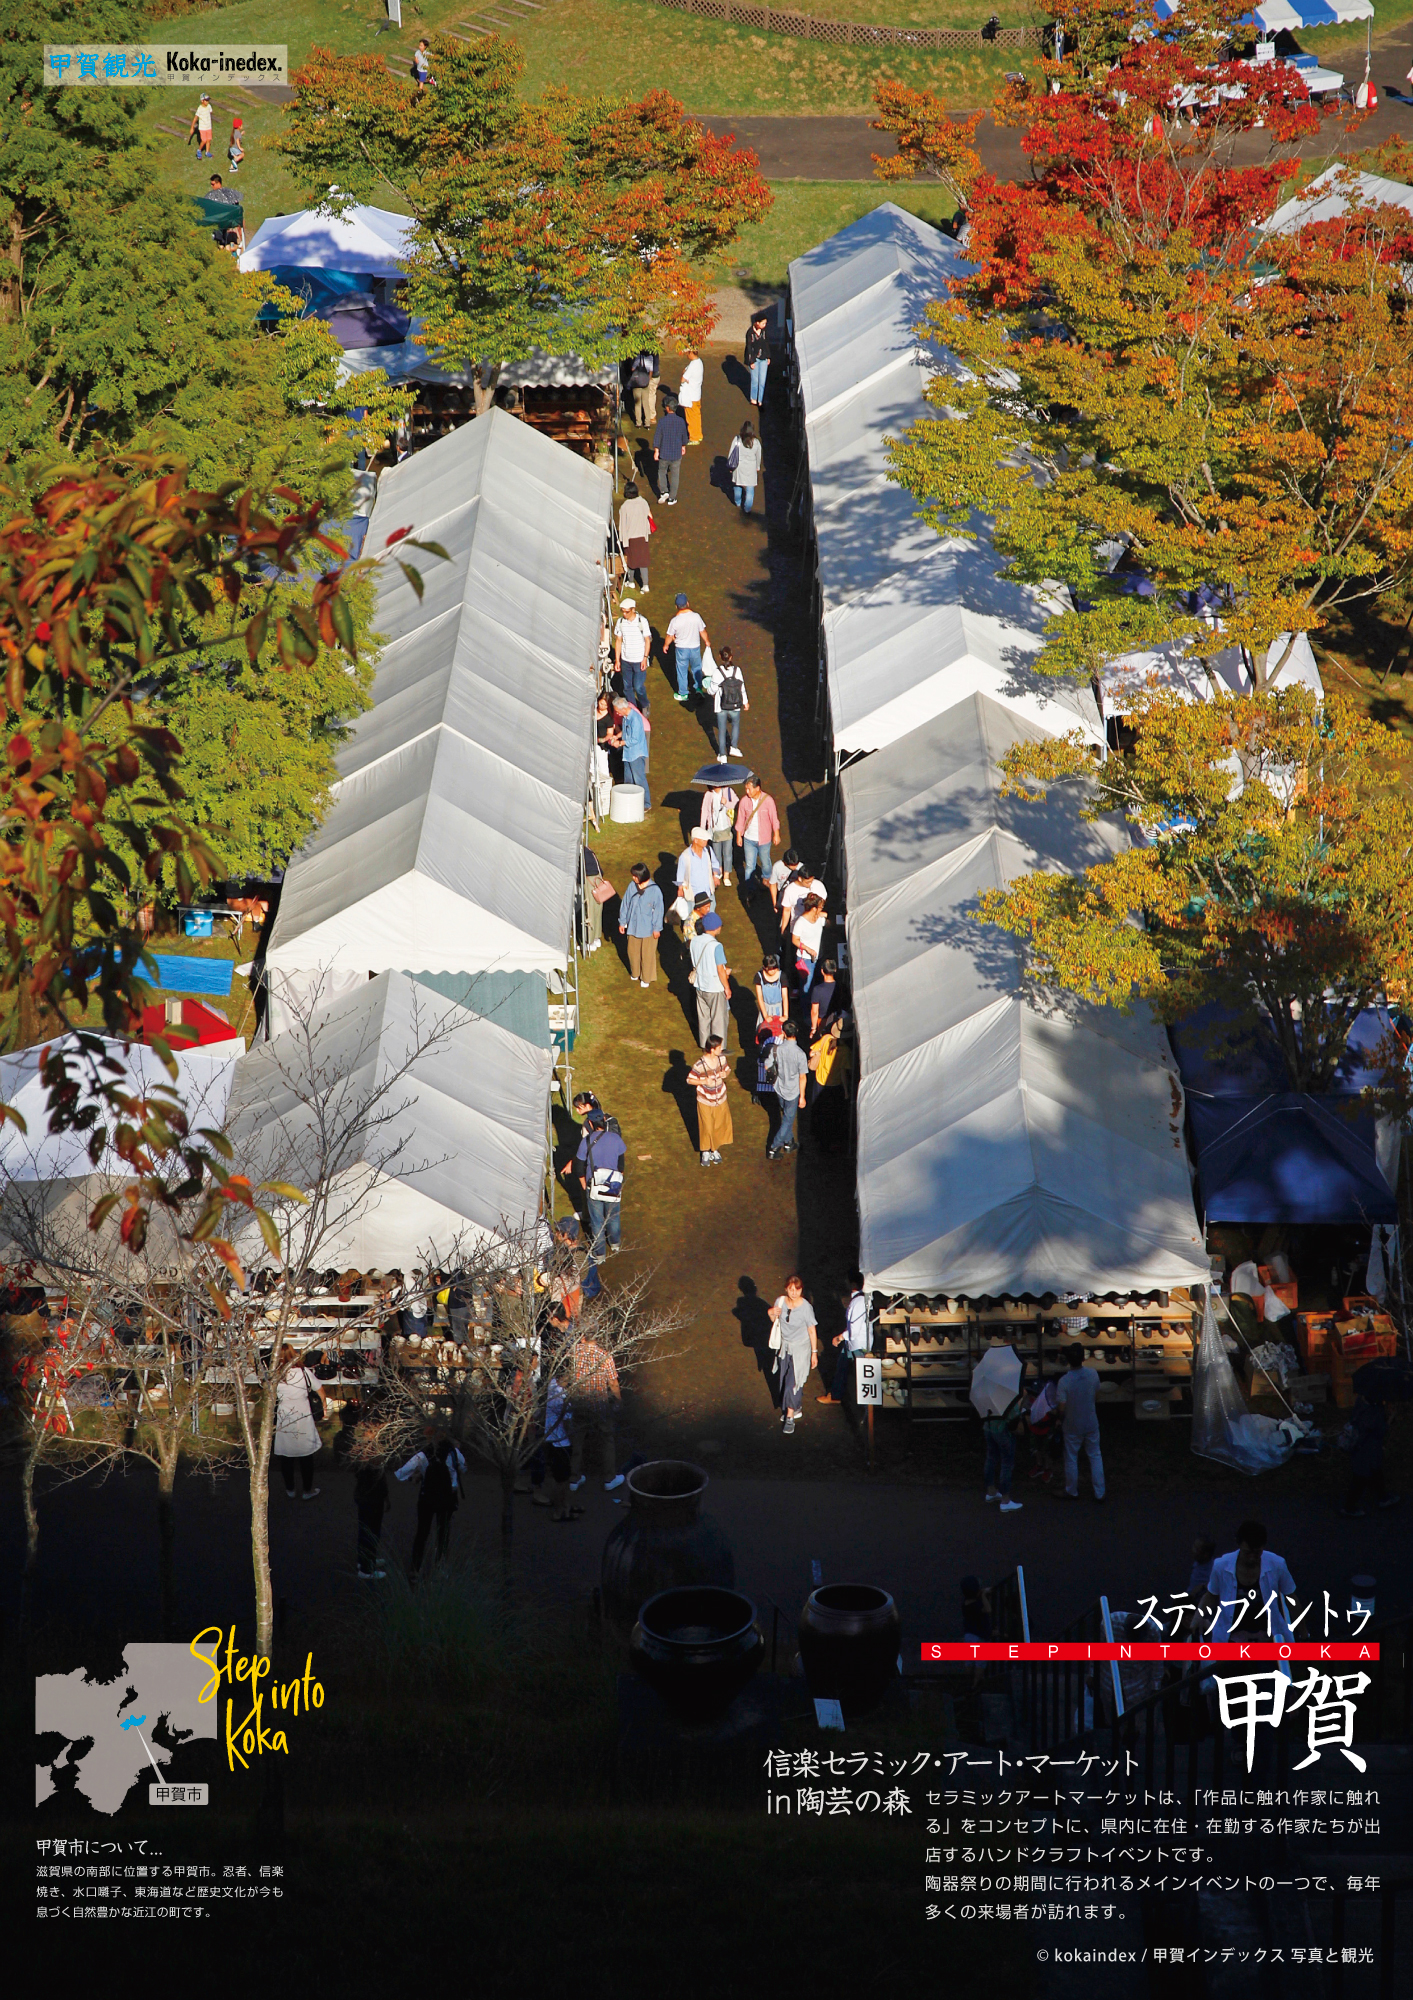 信楽セラミック・アート・マーケット in 陶芸の森 2018 へ行ってきました。